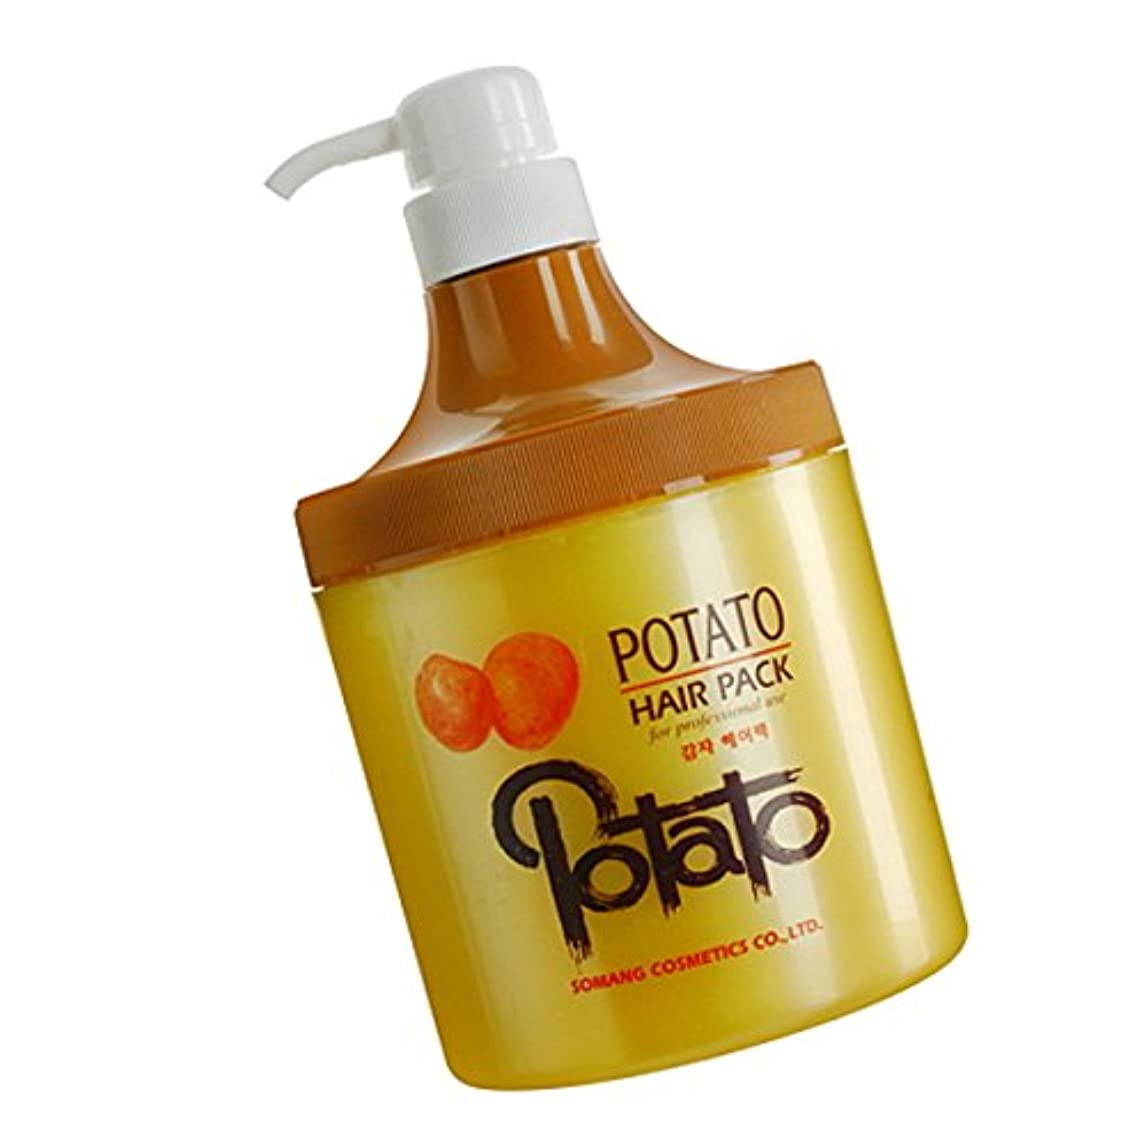 シネウィ膜砲撃【韓国コスメ】[Somang/希望]Somang Potato Hair Pack 800ml/ポテト(ジャガッイモ)ヘアパク(海外直送品)